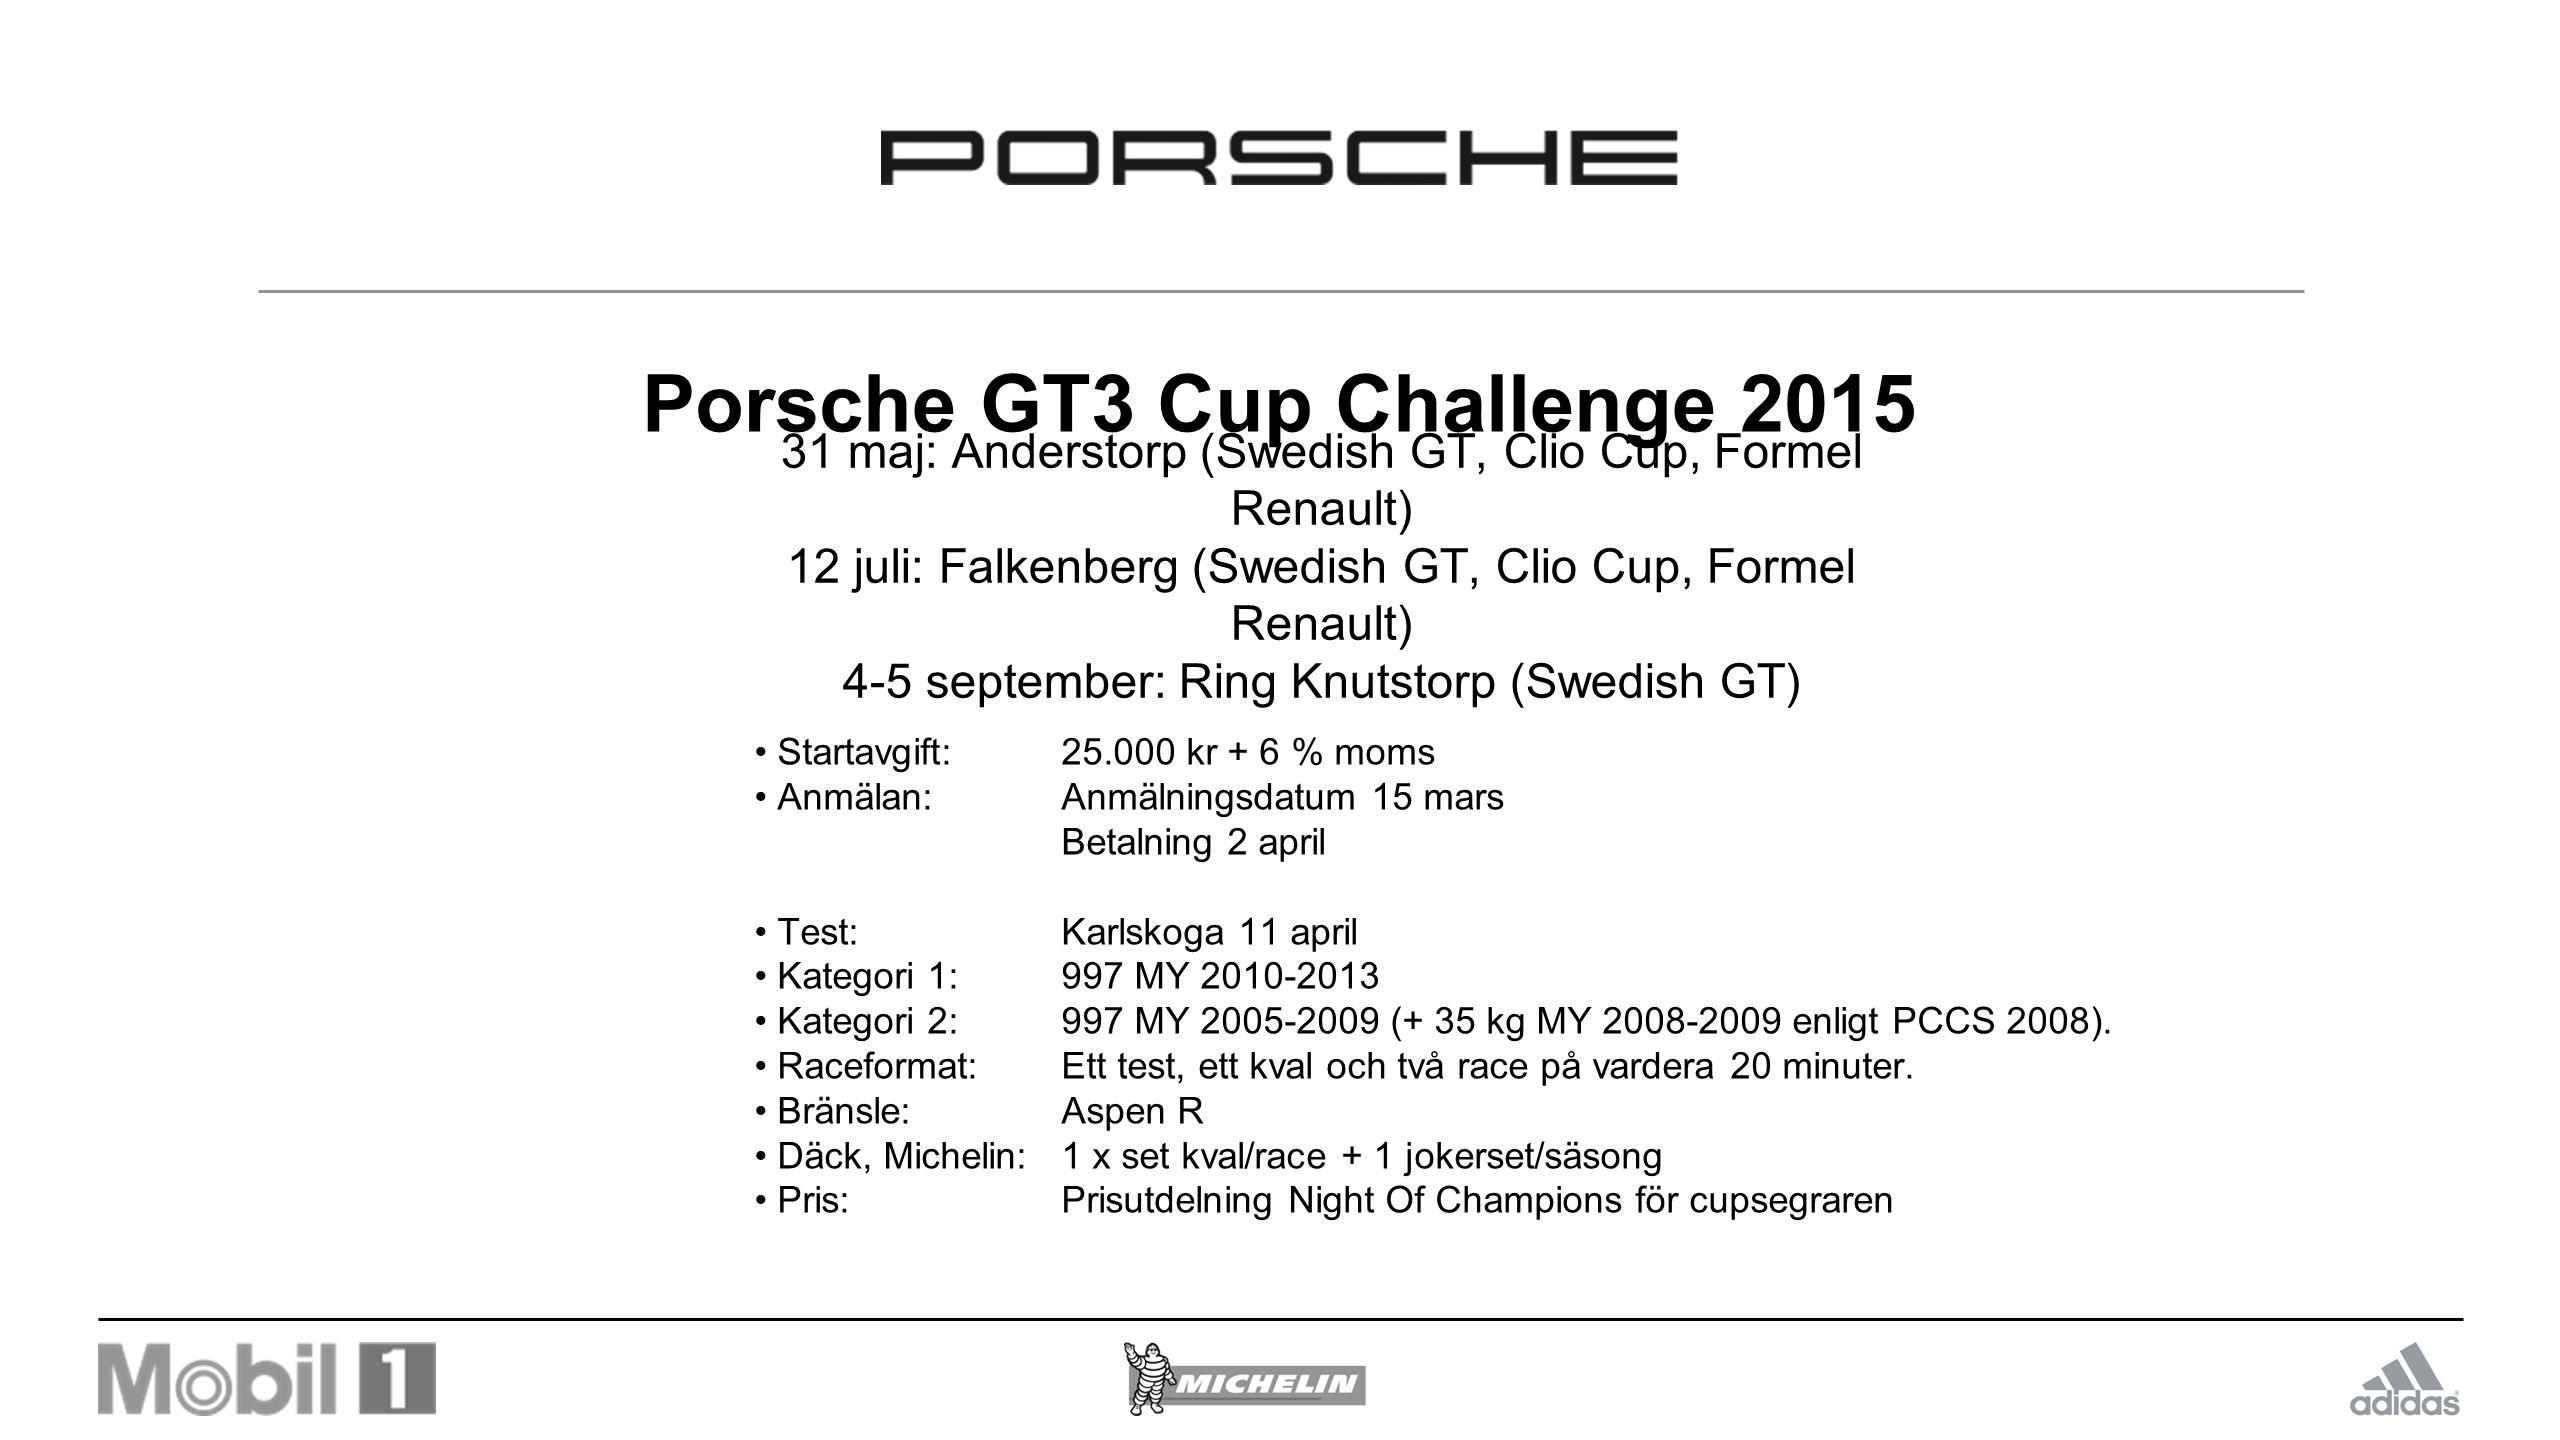 Porsche GT3 Cup Challenge 2015